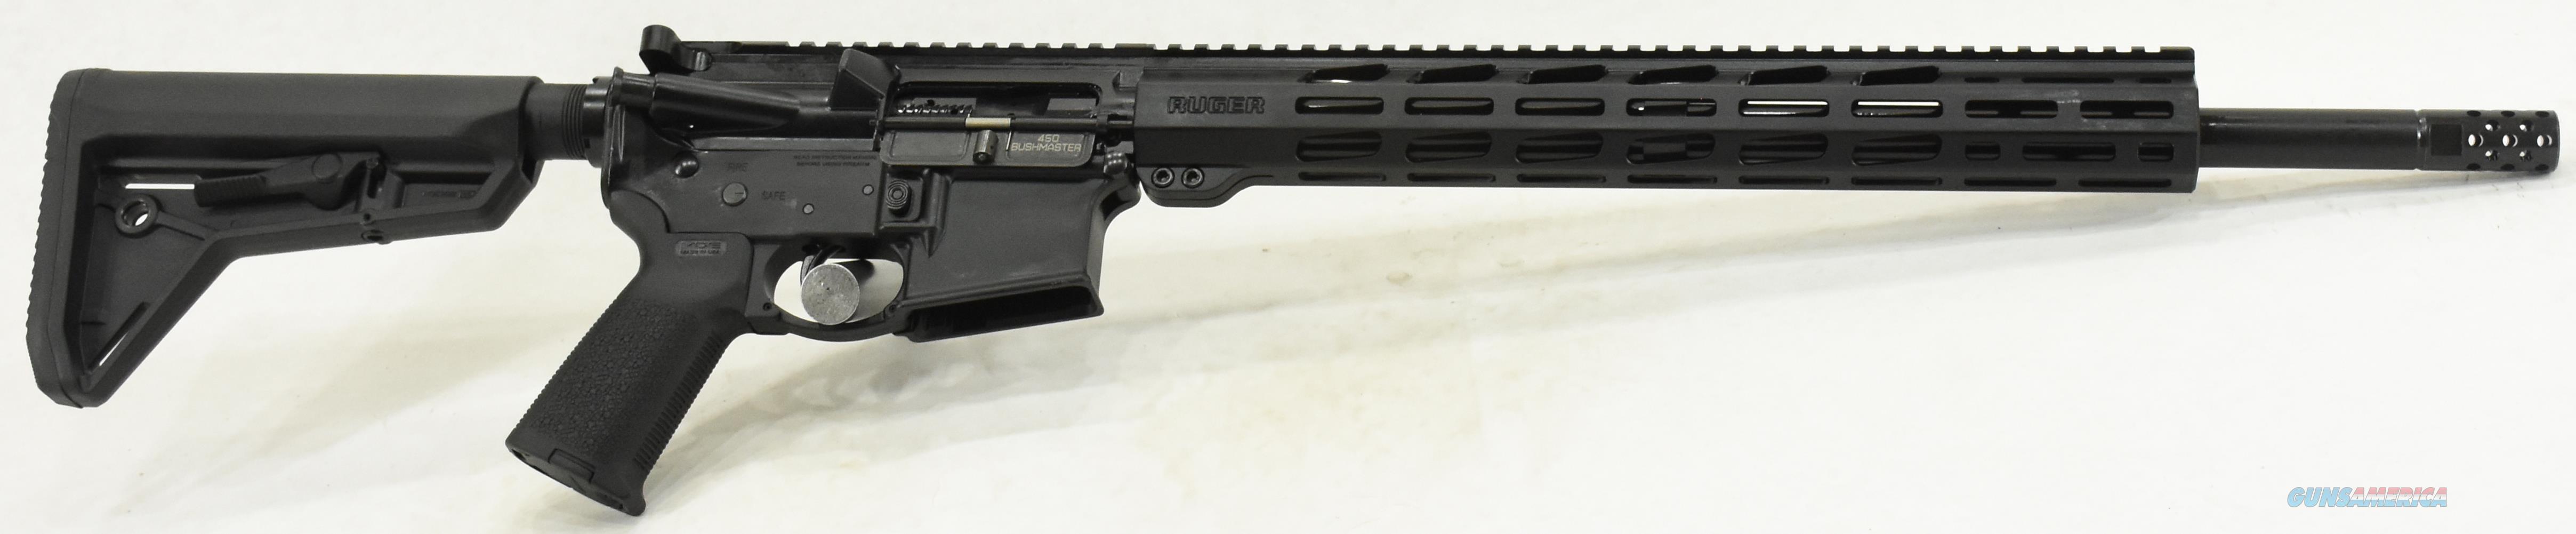 AR-556 MPR 450Bushmaster 18.6In  8522  Guns > Pistols > S Misc Pistols